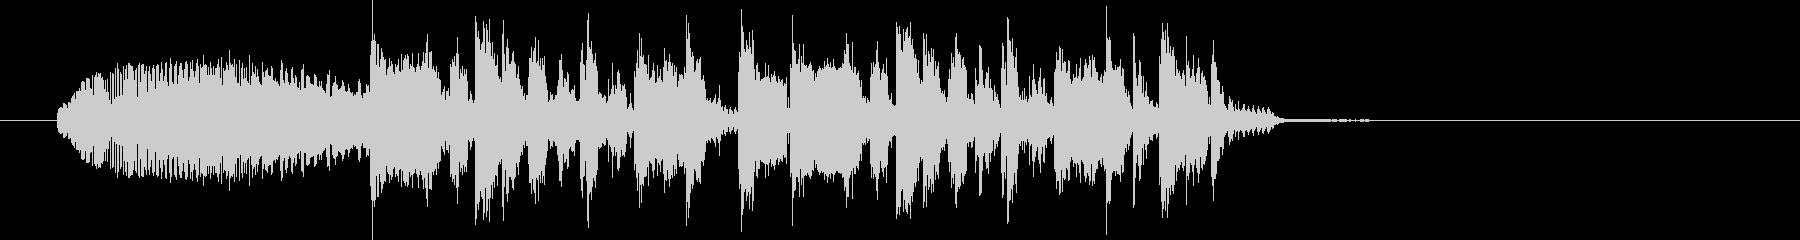 シュオーン+ジングルの未再生の波形